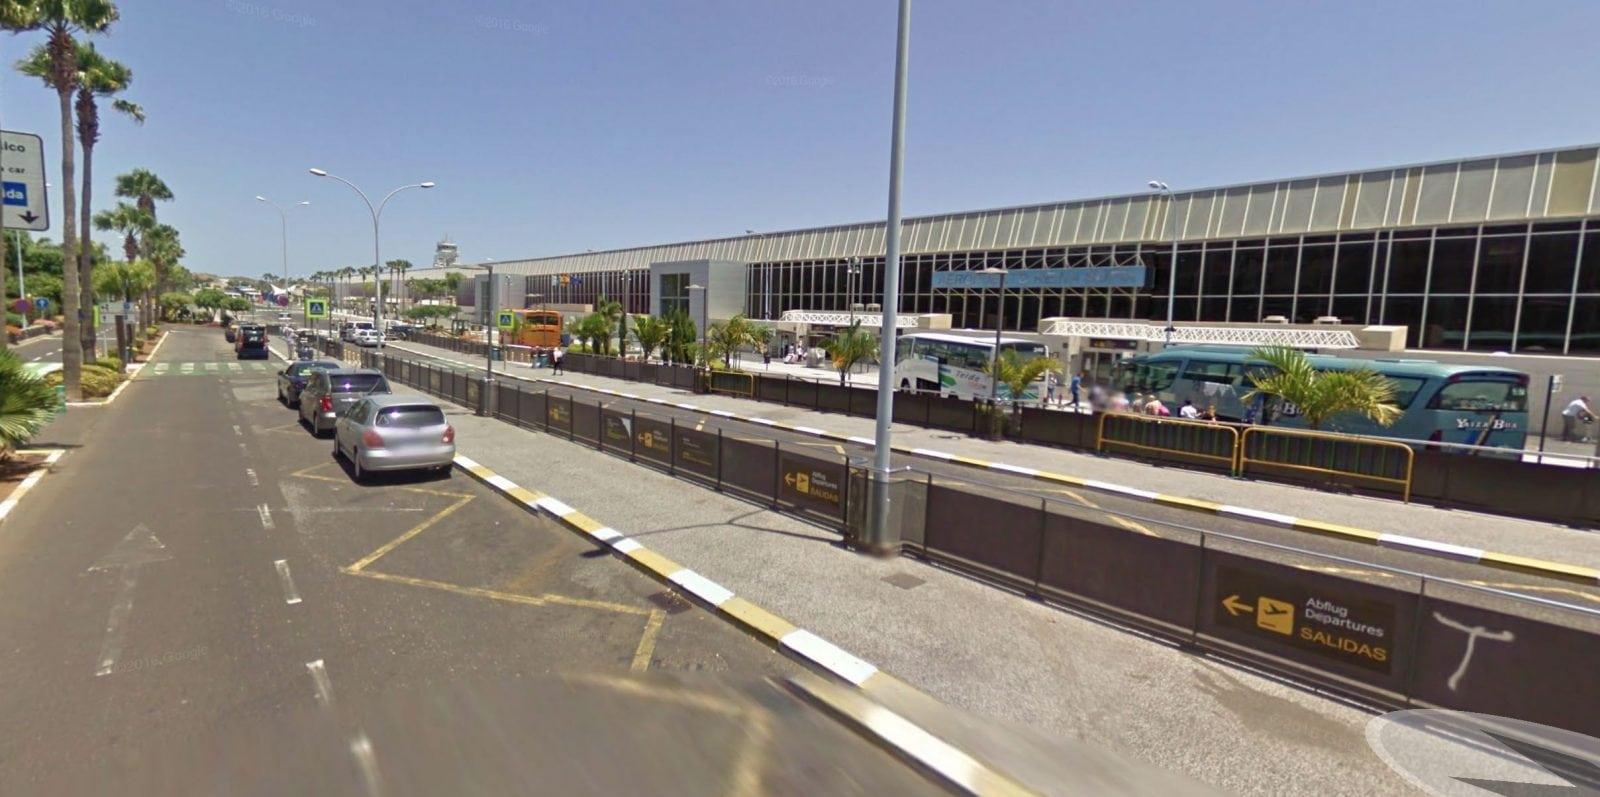 Зона высадки в аэропорту Тенерифе